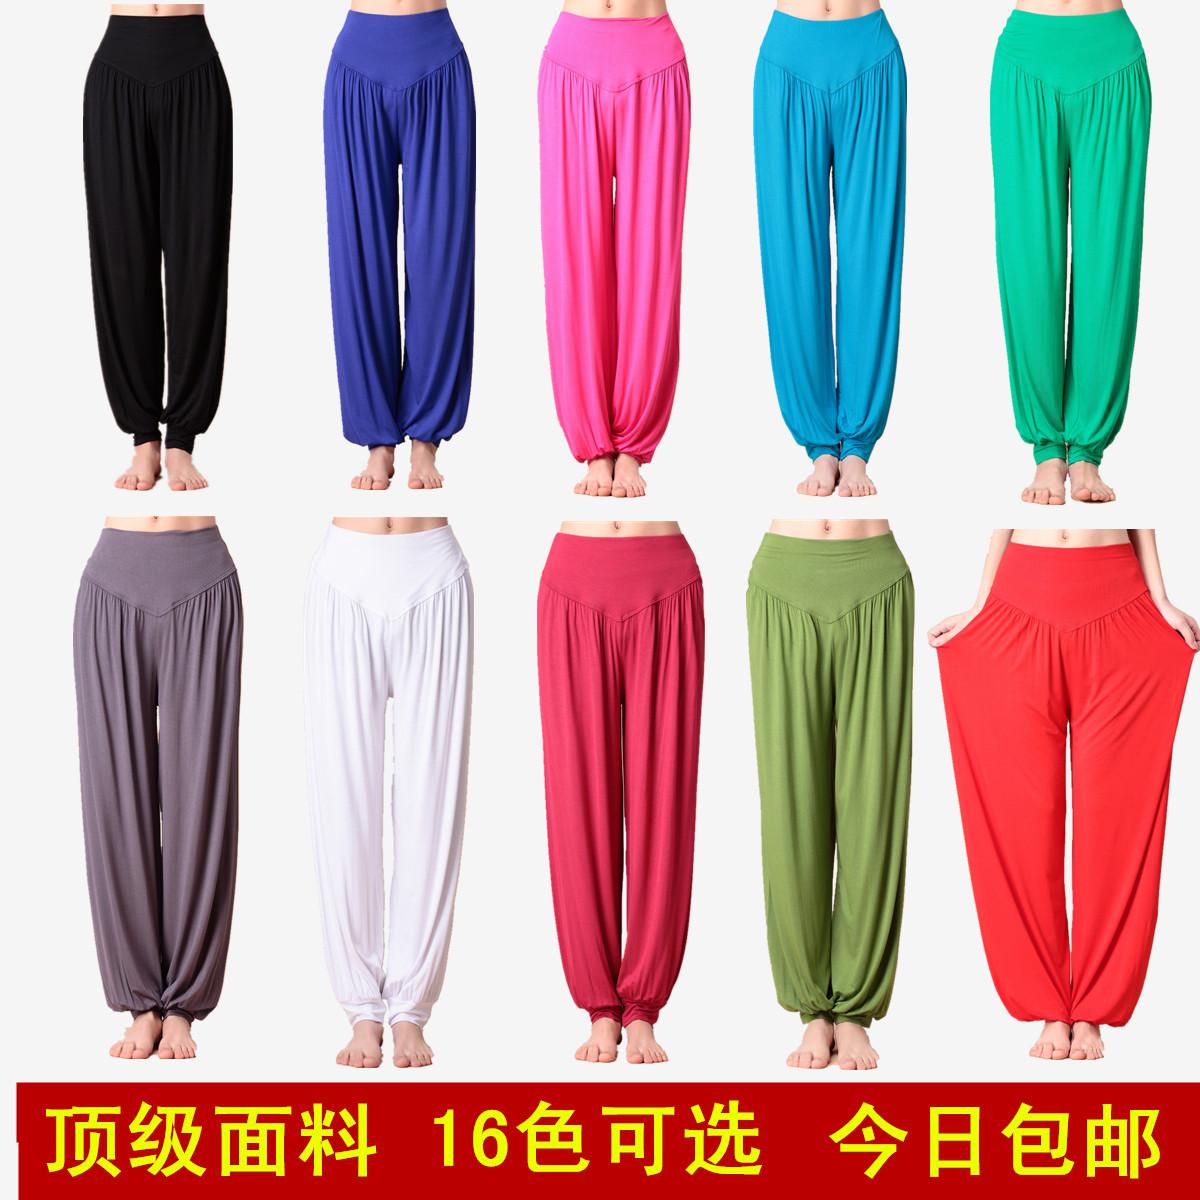 Одежда для йоги OTHER k2015 одежда для йоги pierre 01103x 01806x